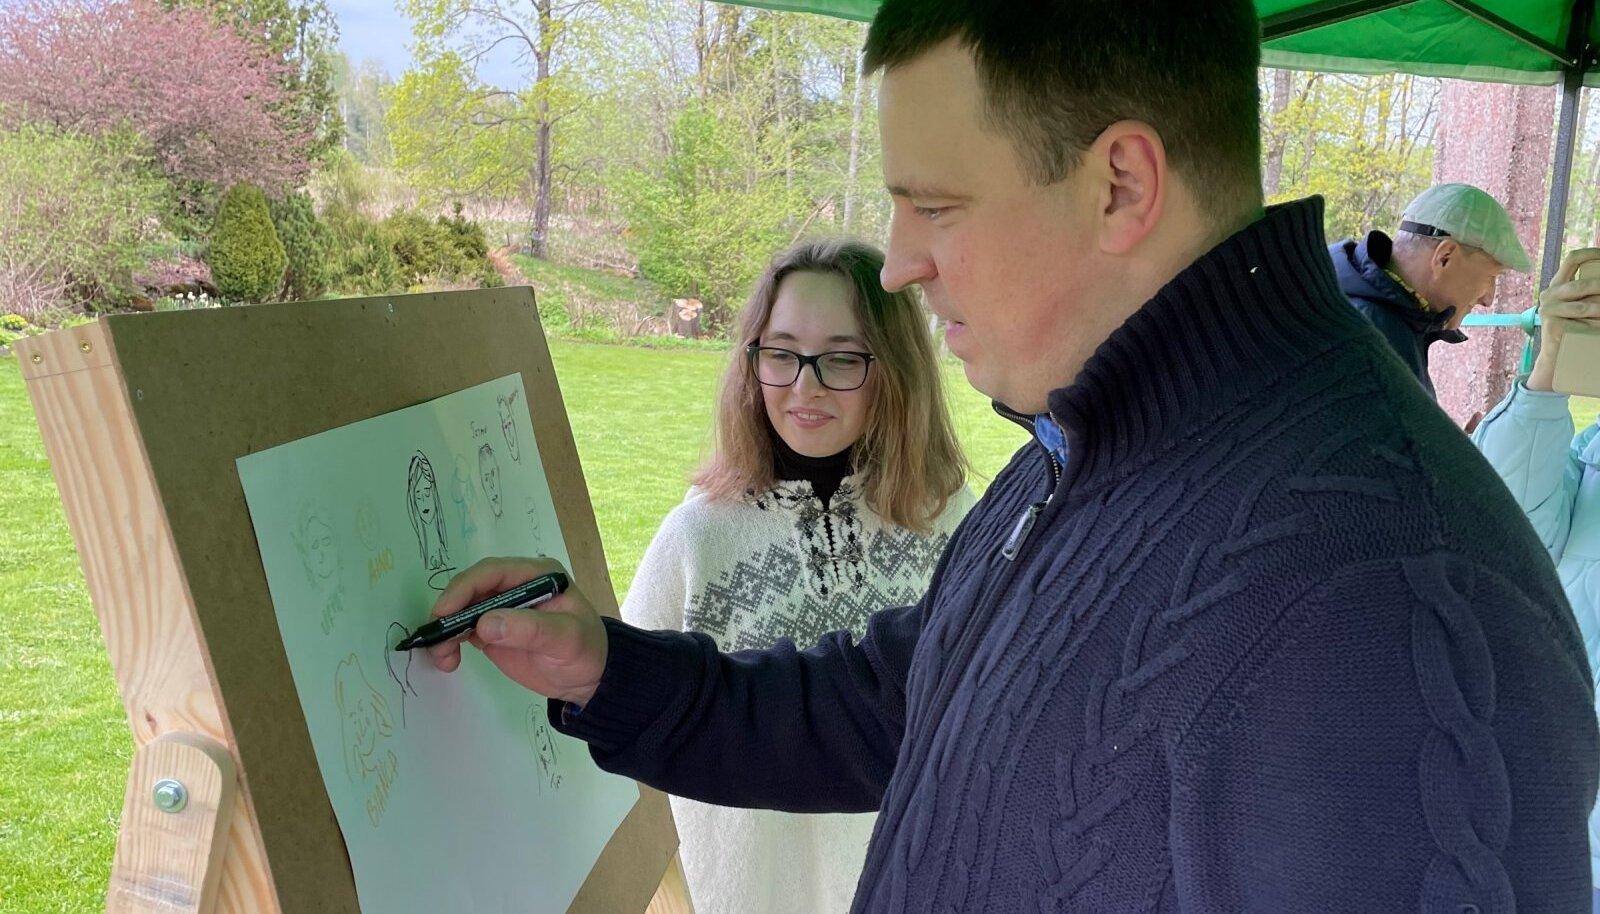 Aasta küla komisjoni esimees Jüri Ratas joonistab endast Metsküla rahva palvel pilti.